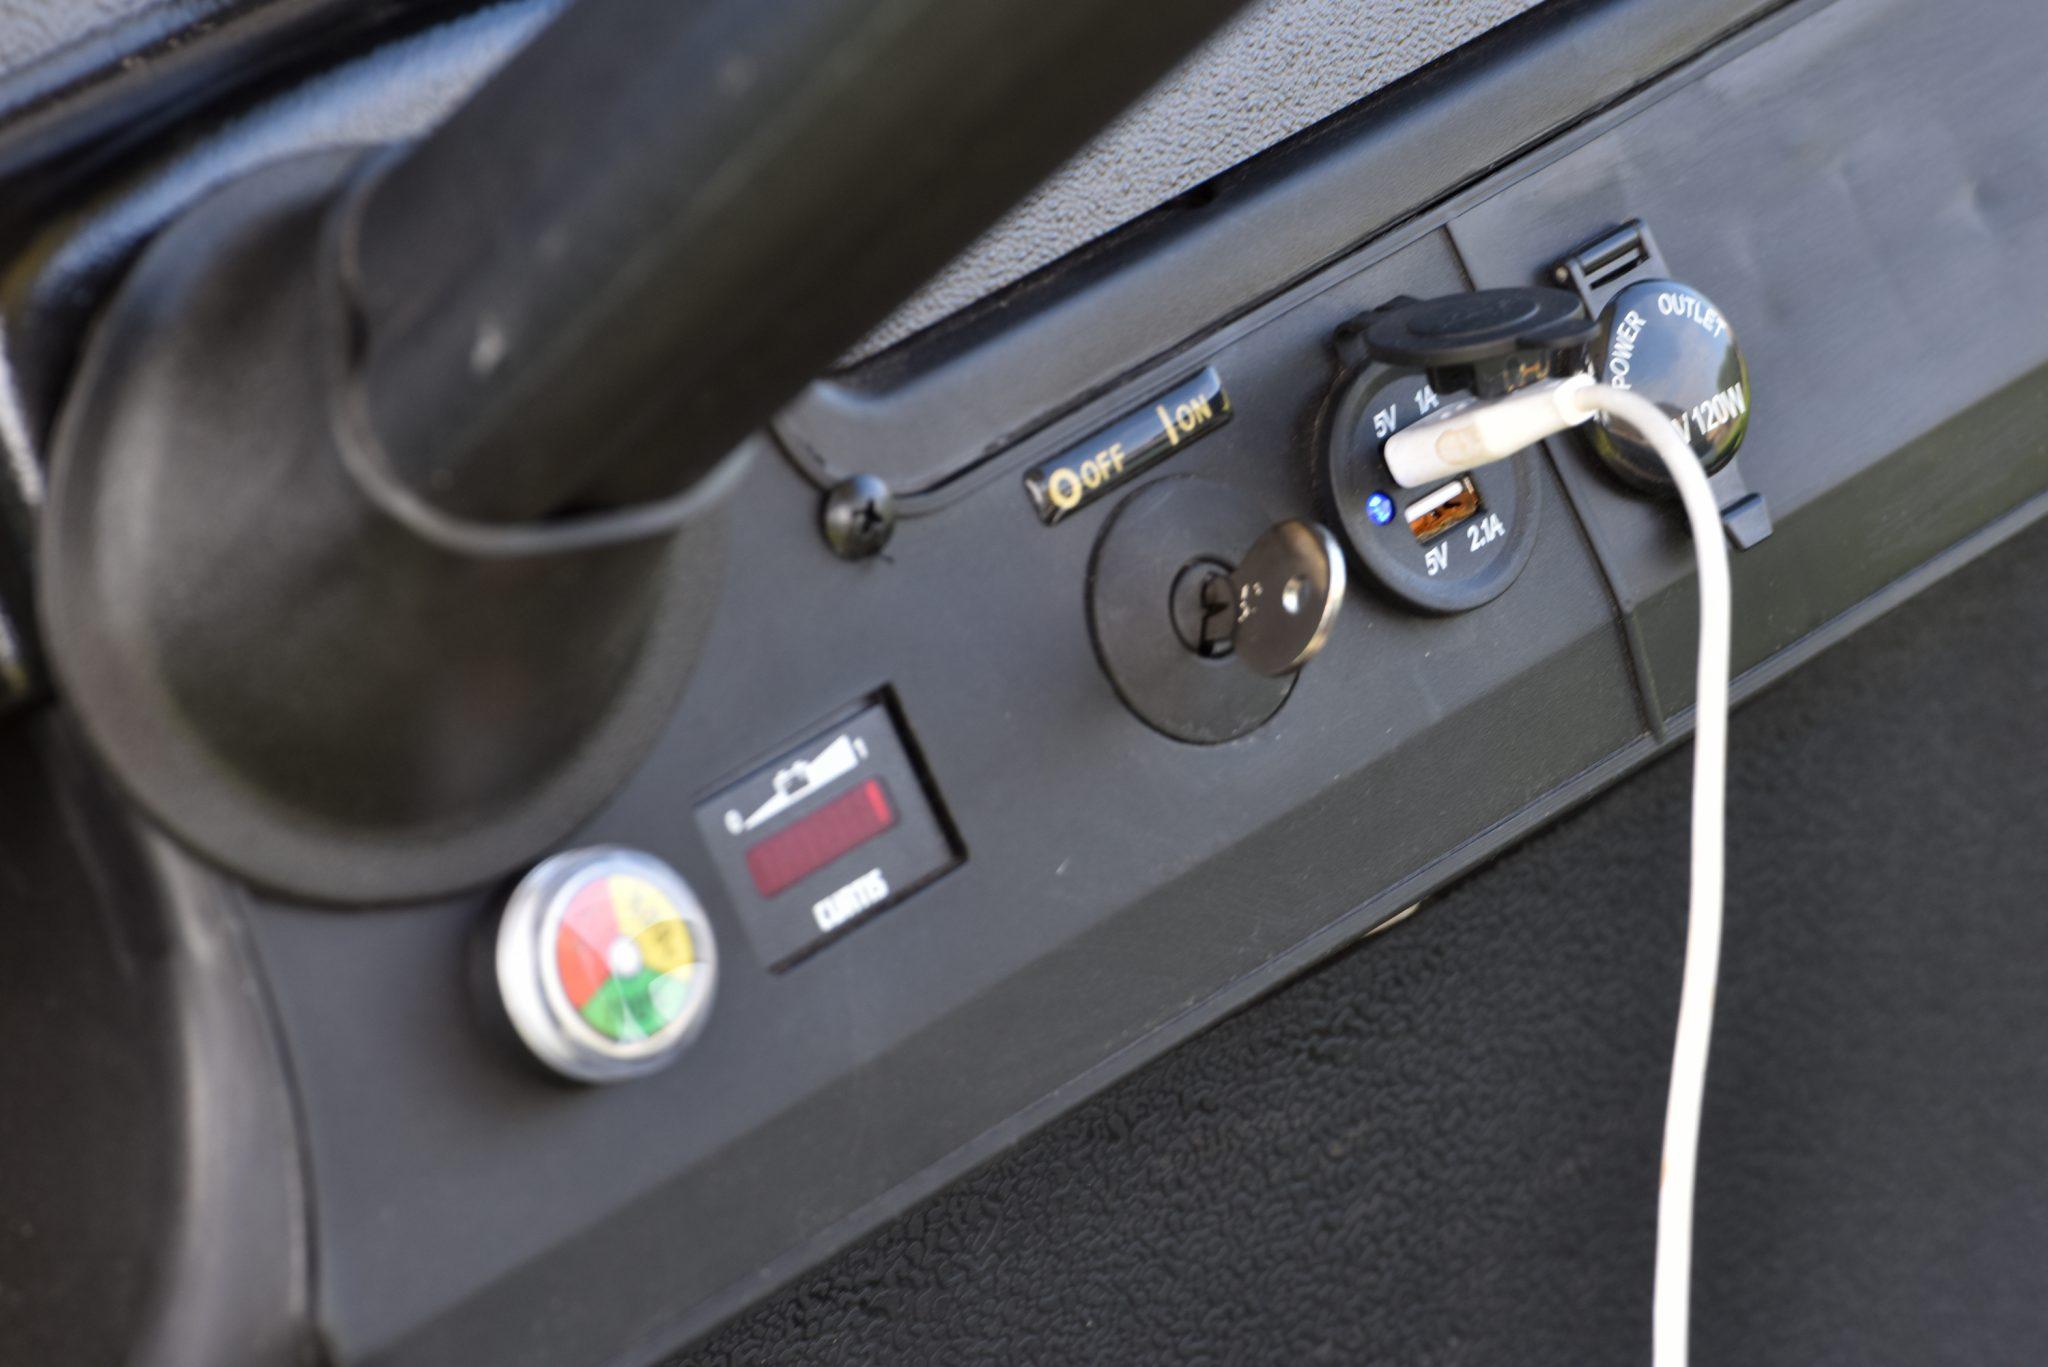 צמד שקעי USB לטעינת הטלפון או כל אביזר אחר - מקורי